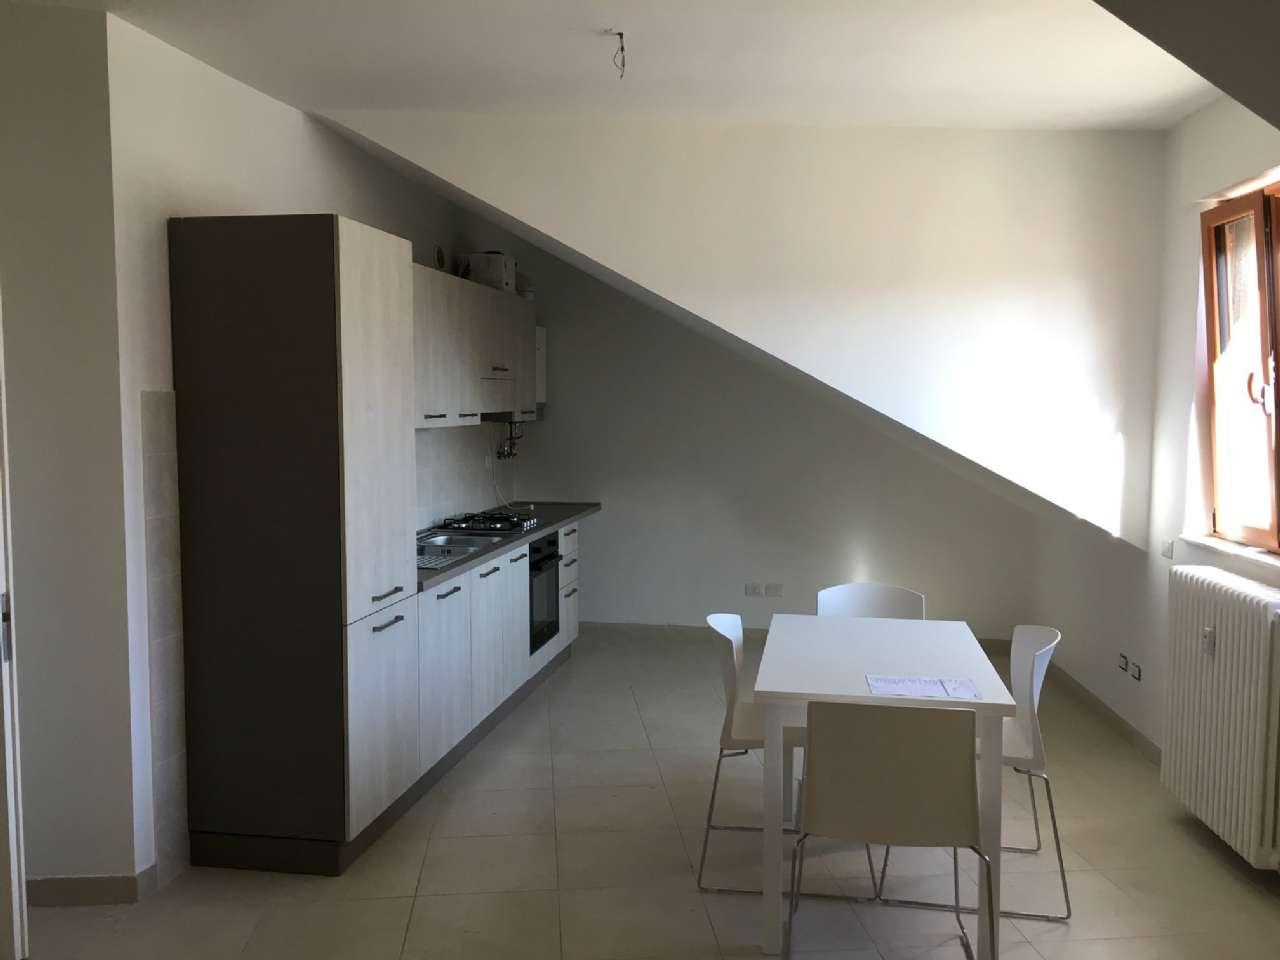 Appartamento in affitto a Campobasso, 9999 locali, prezzo € 600 | CambioCasa.it